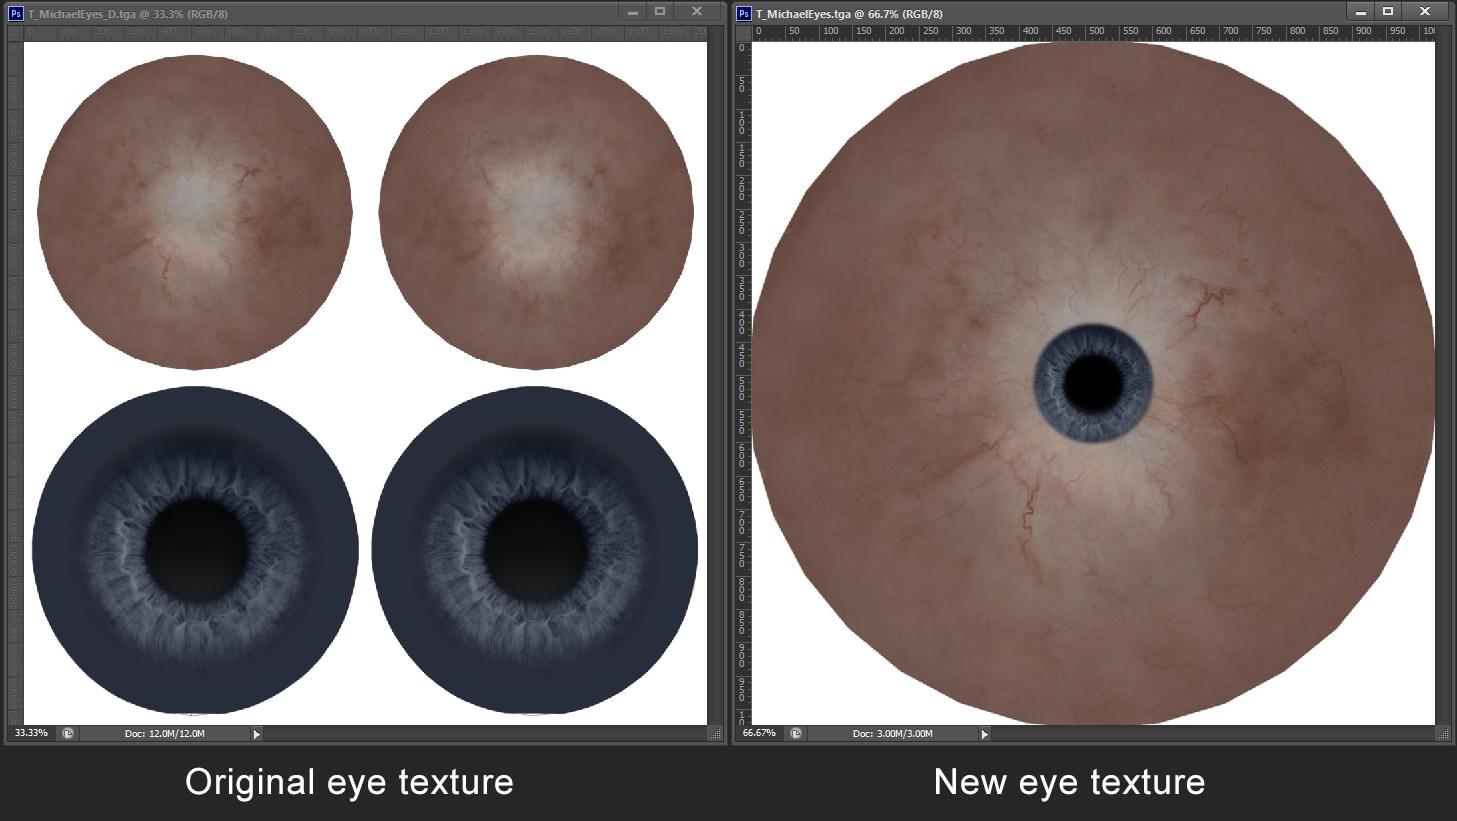 New eye texture